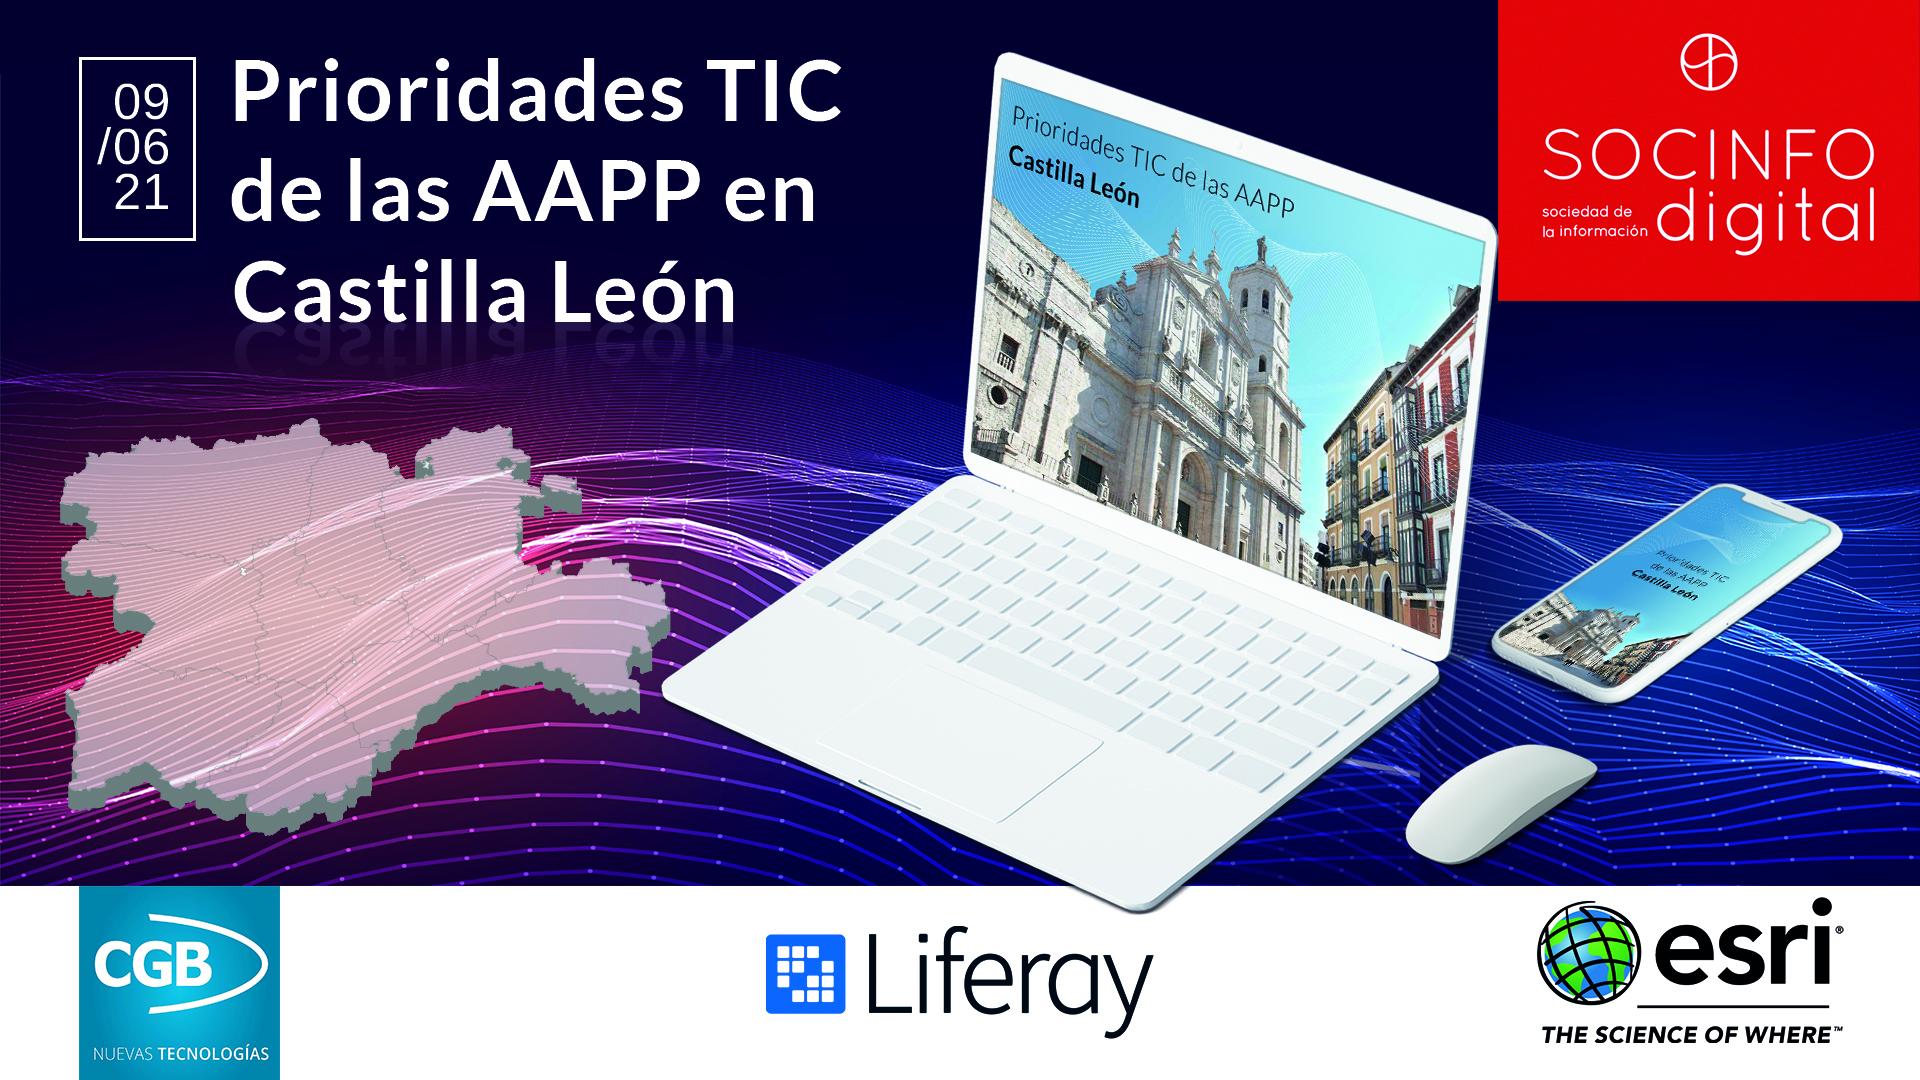 Prioridades TIC de las AAPP en Castilla y León